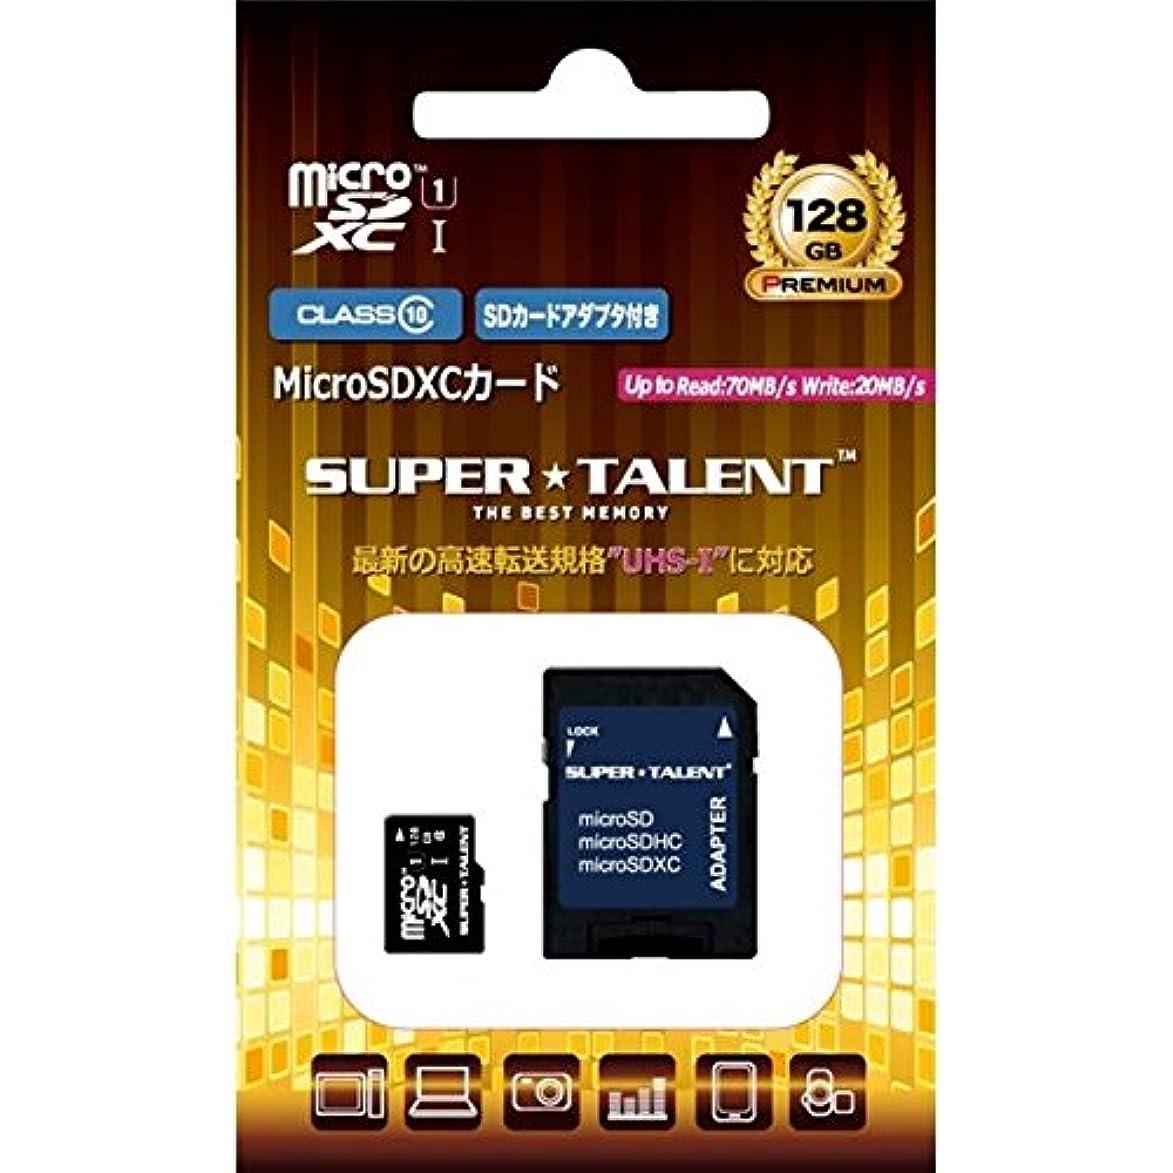 ローンネットしっとりSUPERTALENT UHS-I microSDXCメモリーカード 128GB Class10SDXC変換アダプタ付 ST28MSU1P ds-1896069